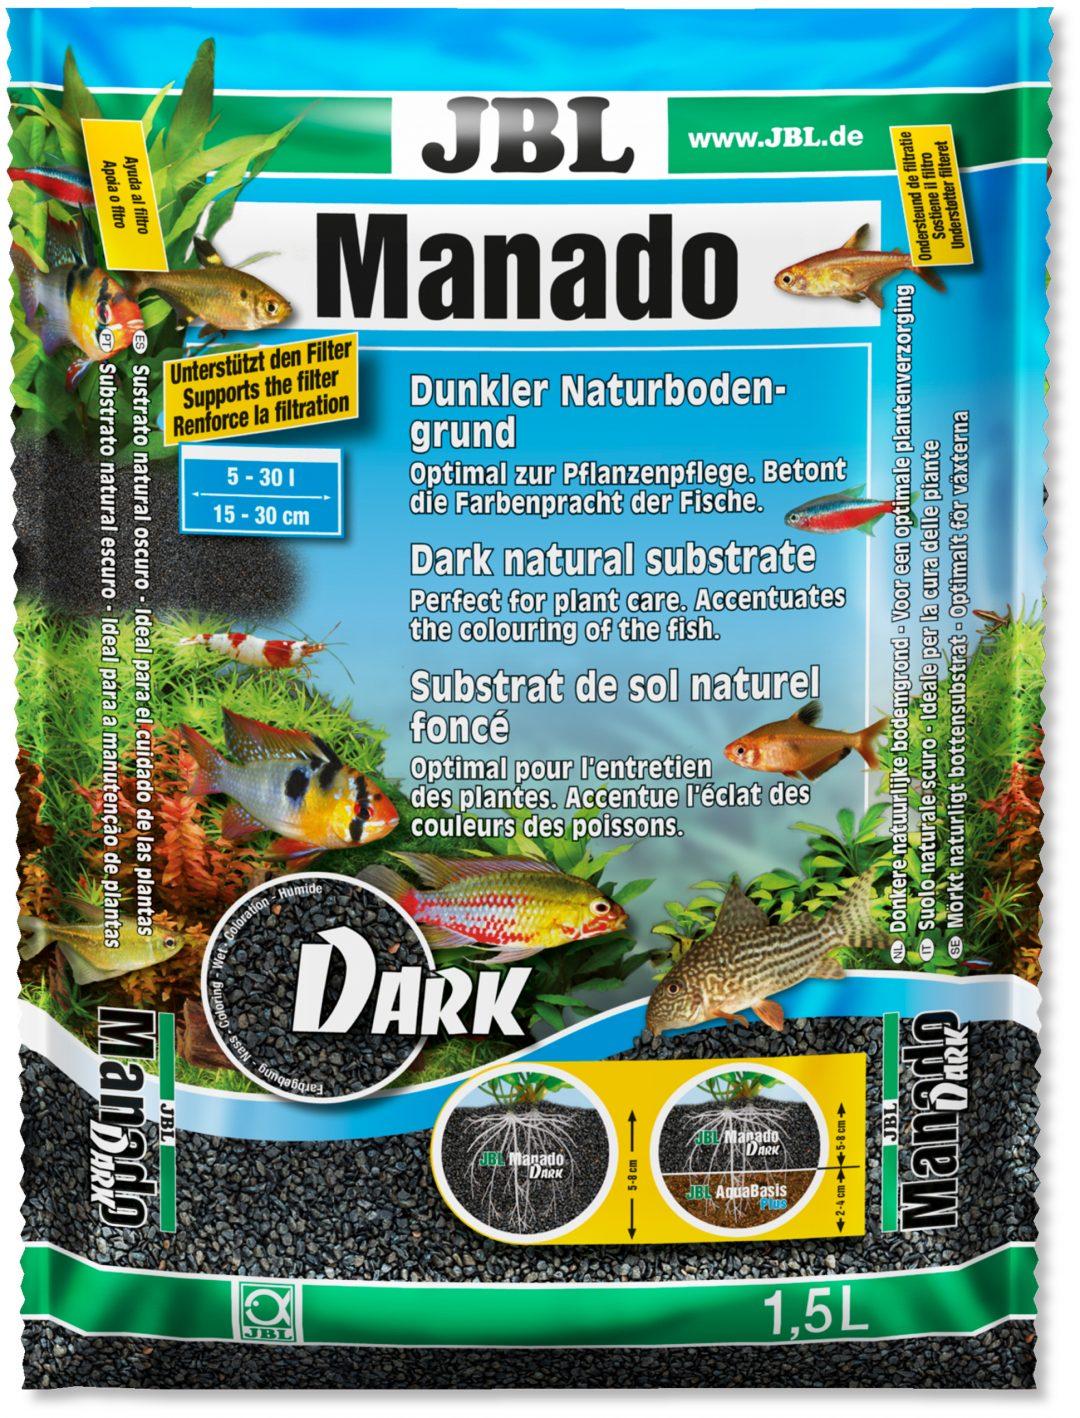 JBL Manado Black. Der beliebte Bodengrund jetzt auch in der Farbe Schwarz